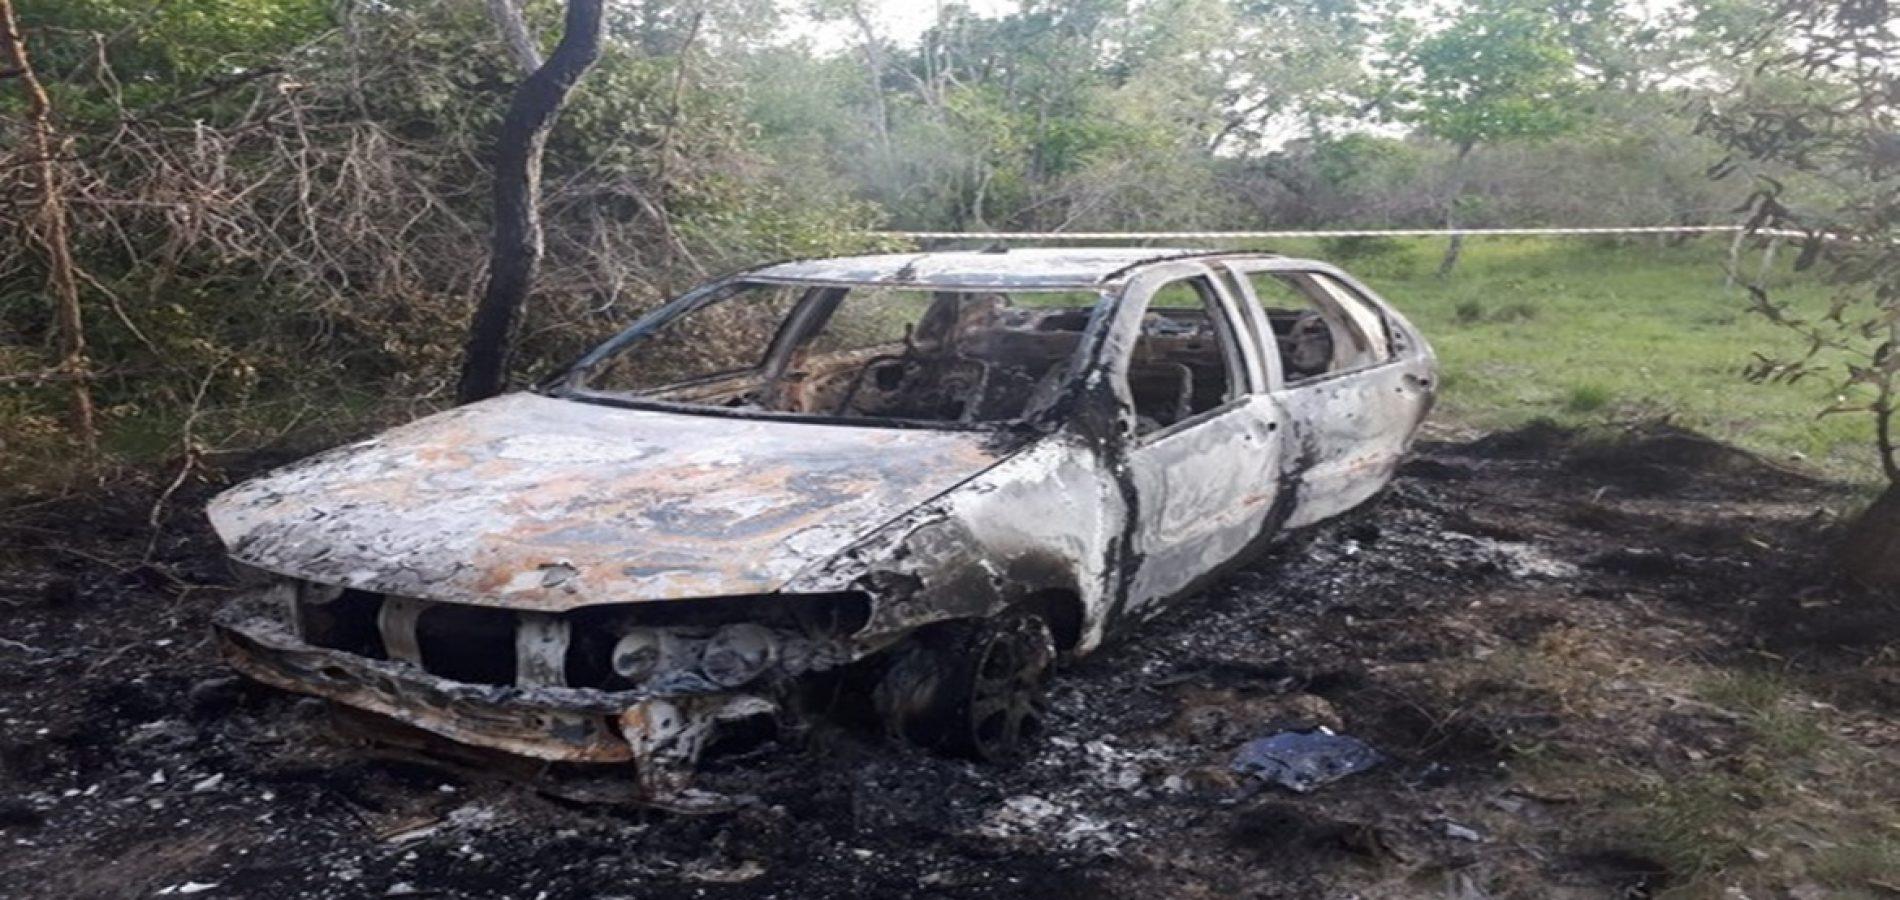 Presos suspeitos de assassinar corretor de veículos e incendiar corpo dentro de carro no Piauí